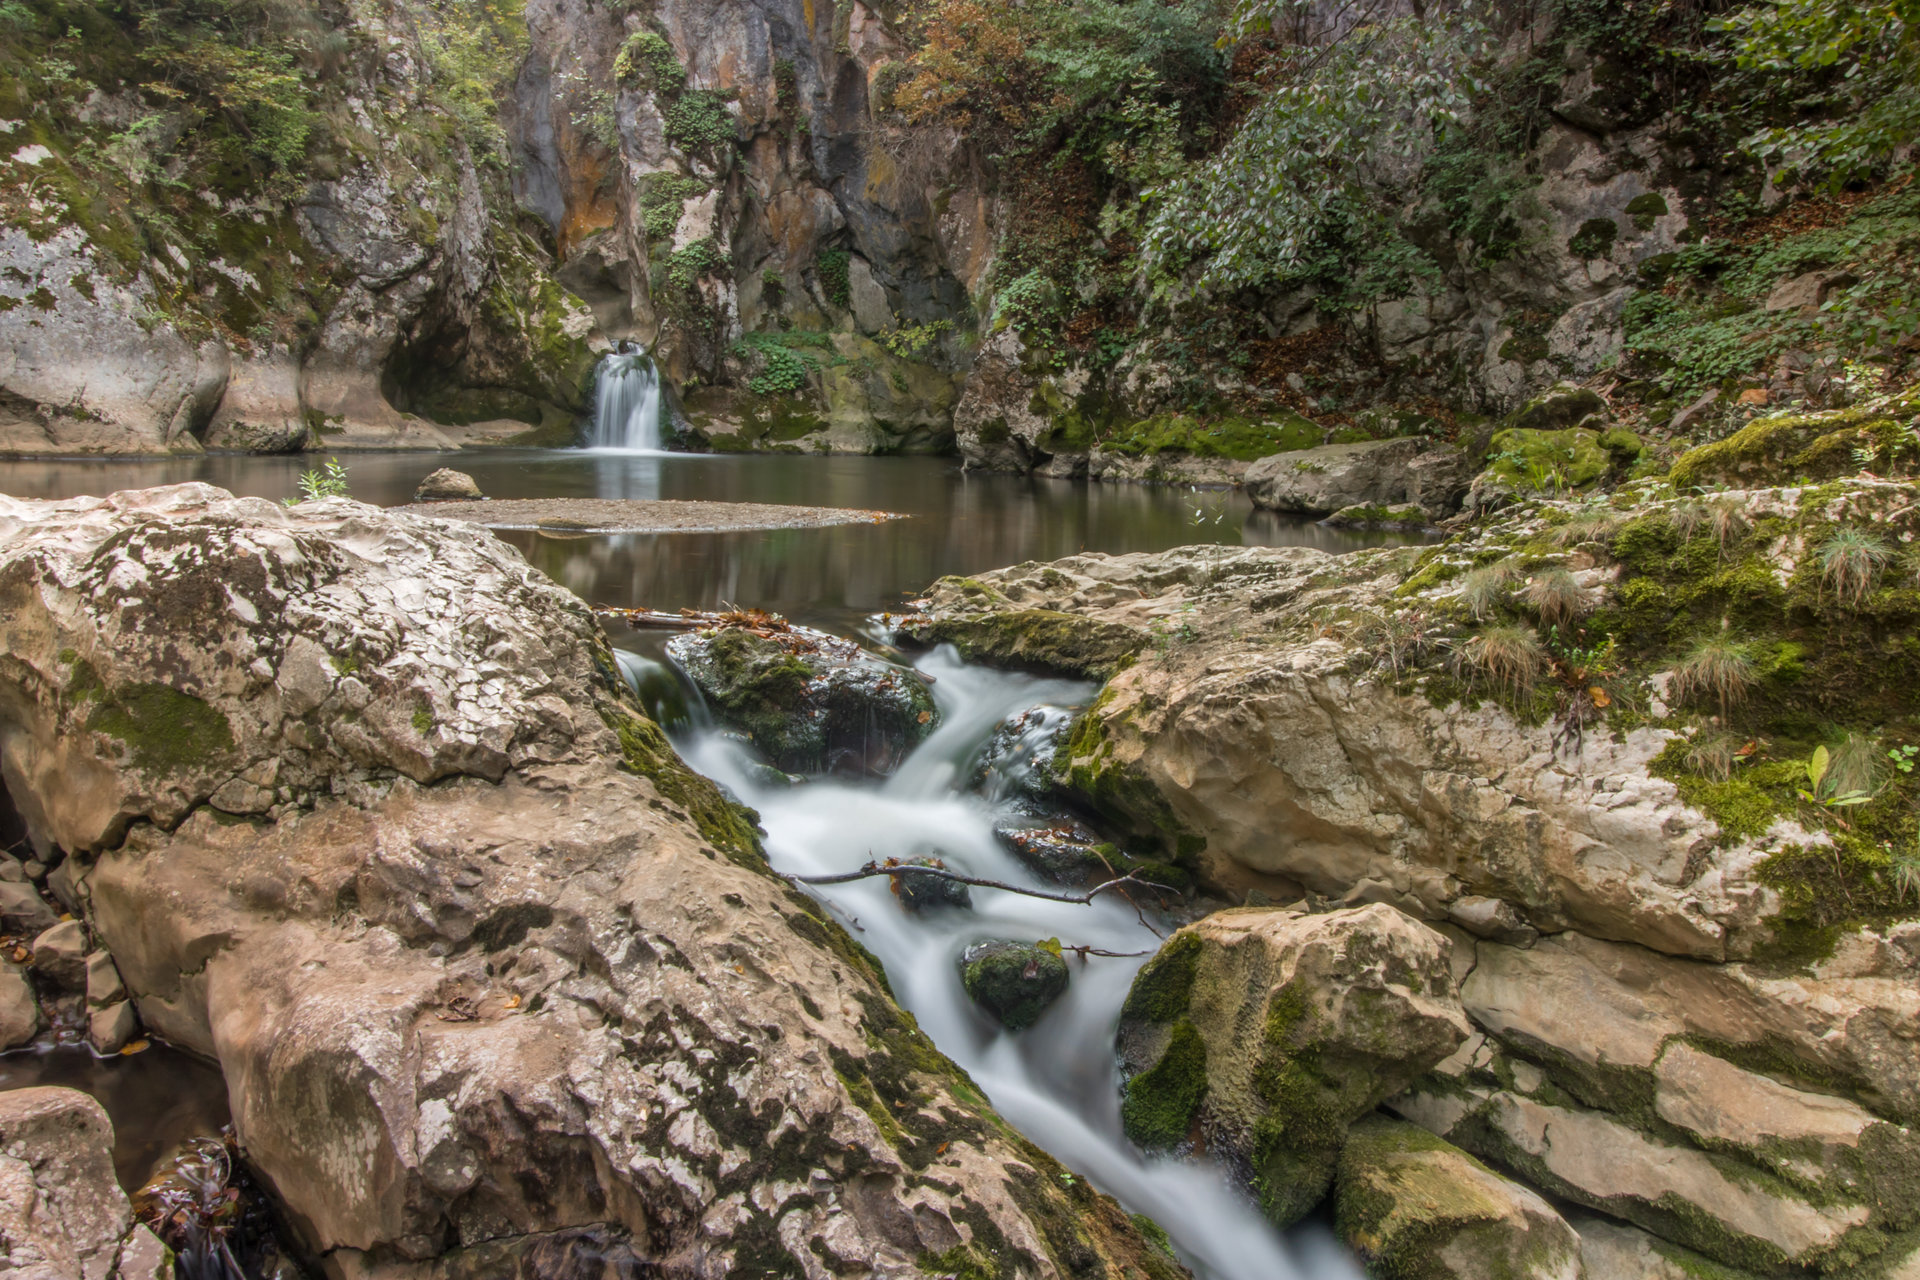 Водопад Зелени вир и наоколо... | Author Ivan Naydenov - ivannaydenovimages | PHOTO FORUM